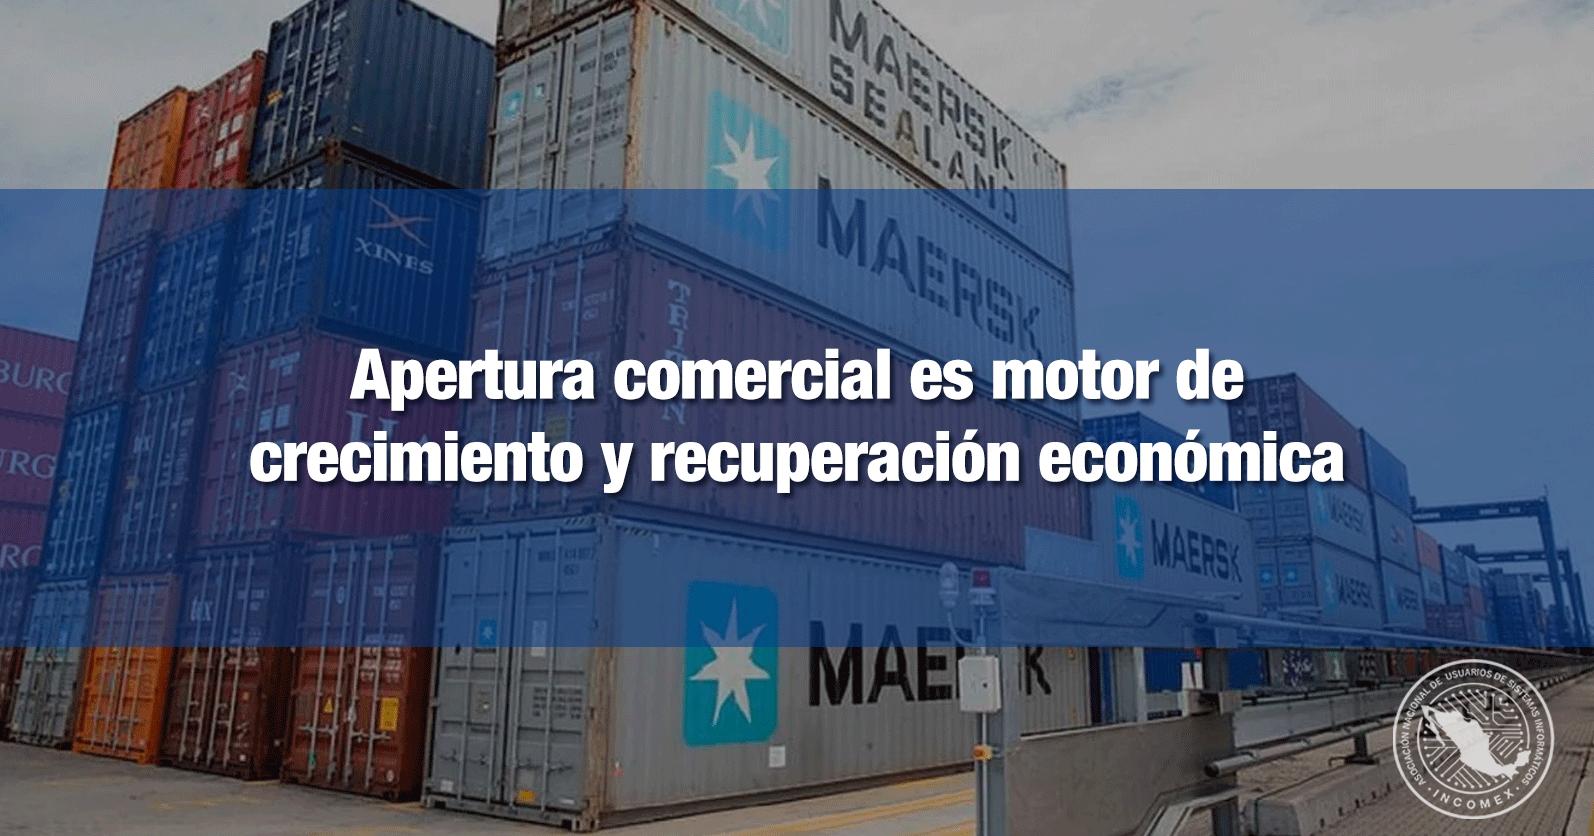 Apertura comercial es motor de crecimiento y recuperación económica